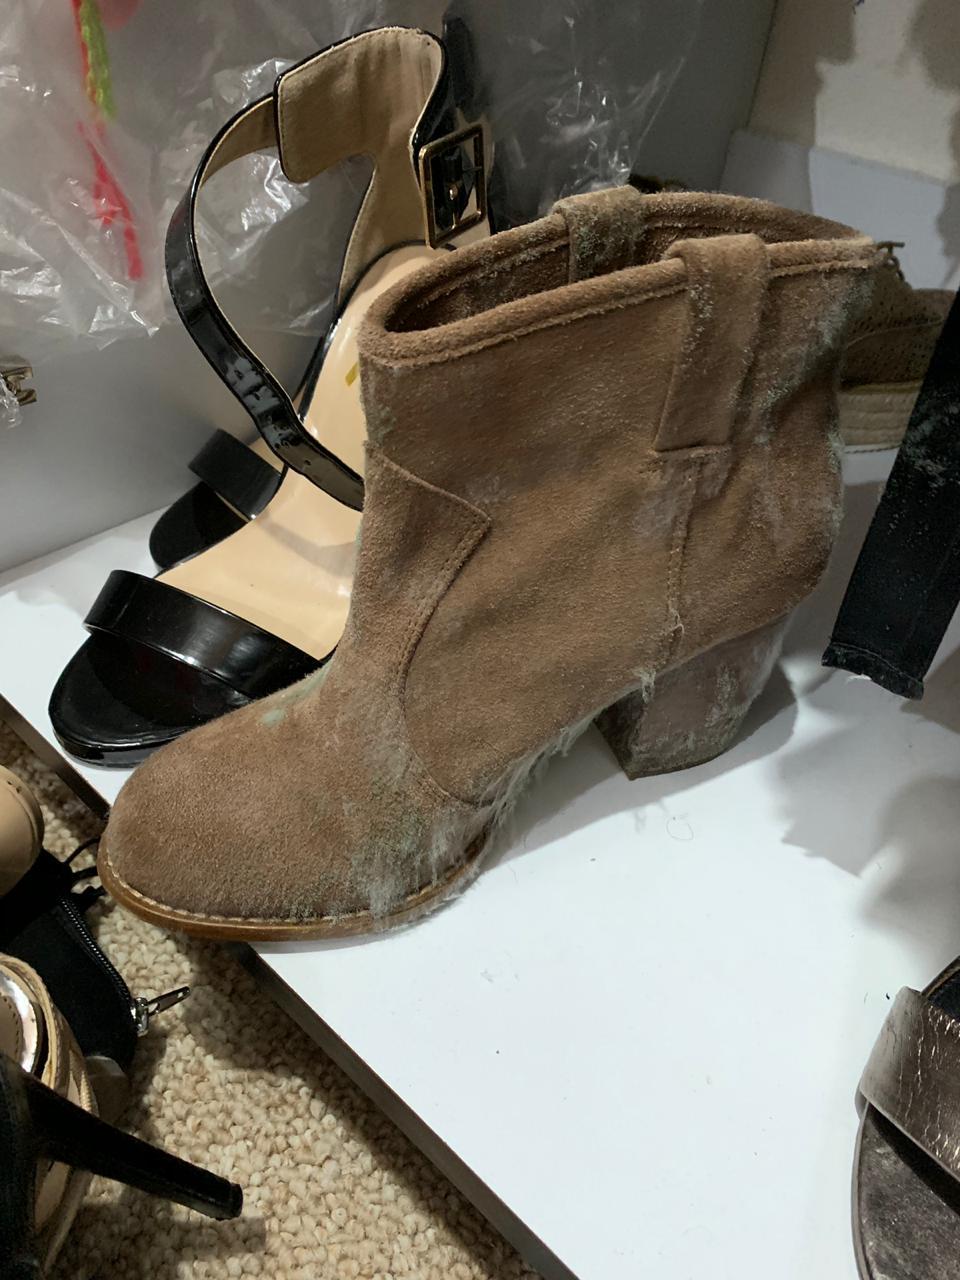 Zapato con hongos